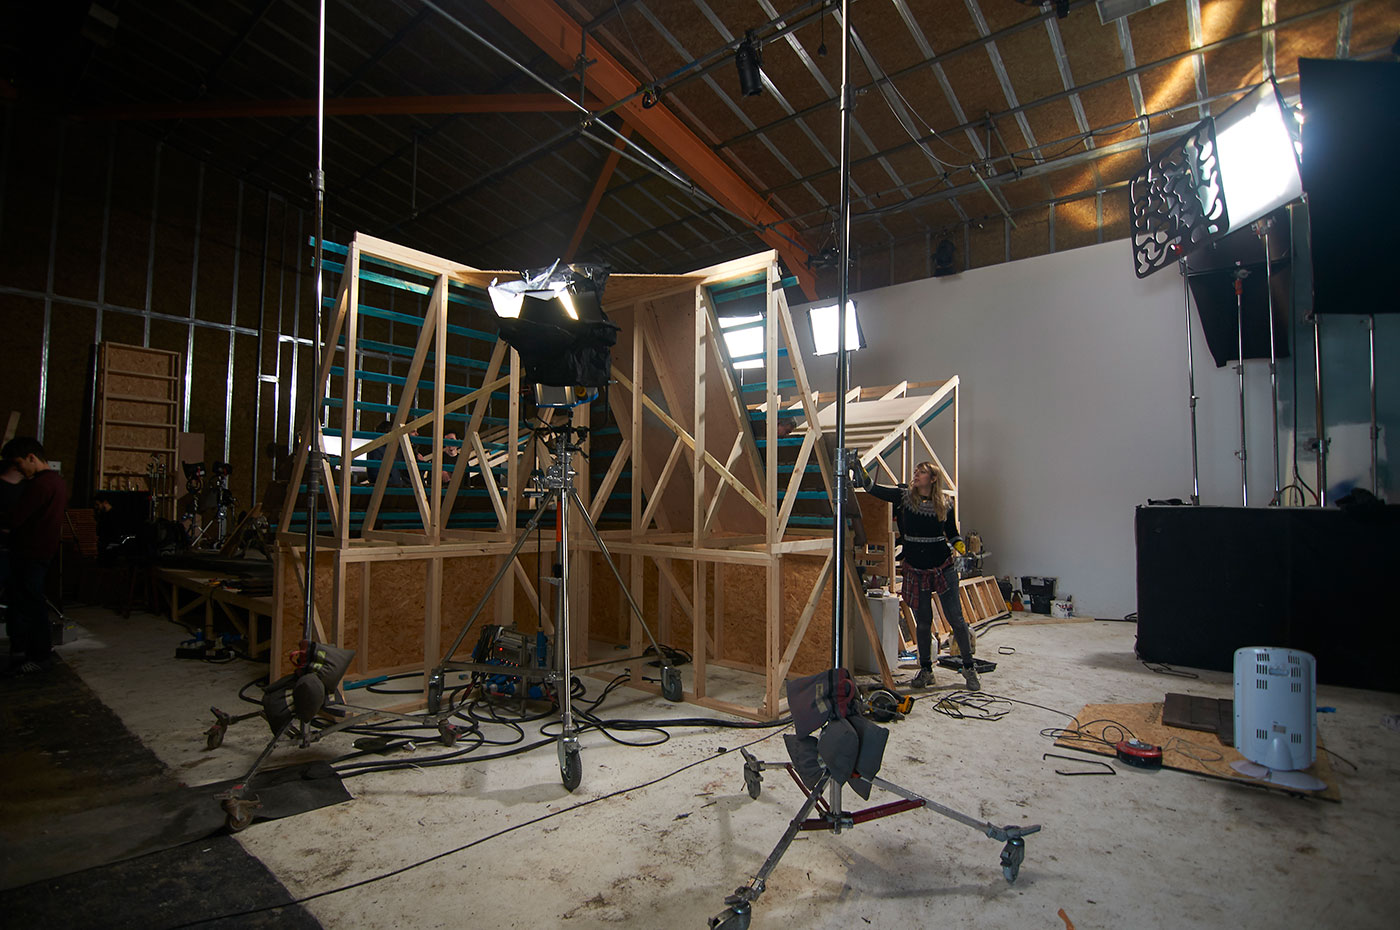 Studio One - Set Build